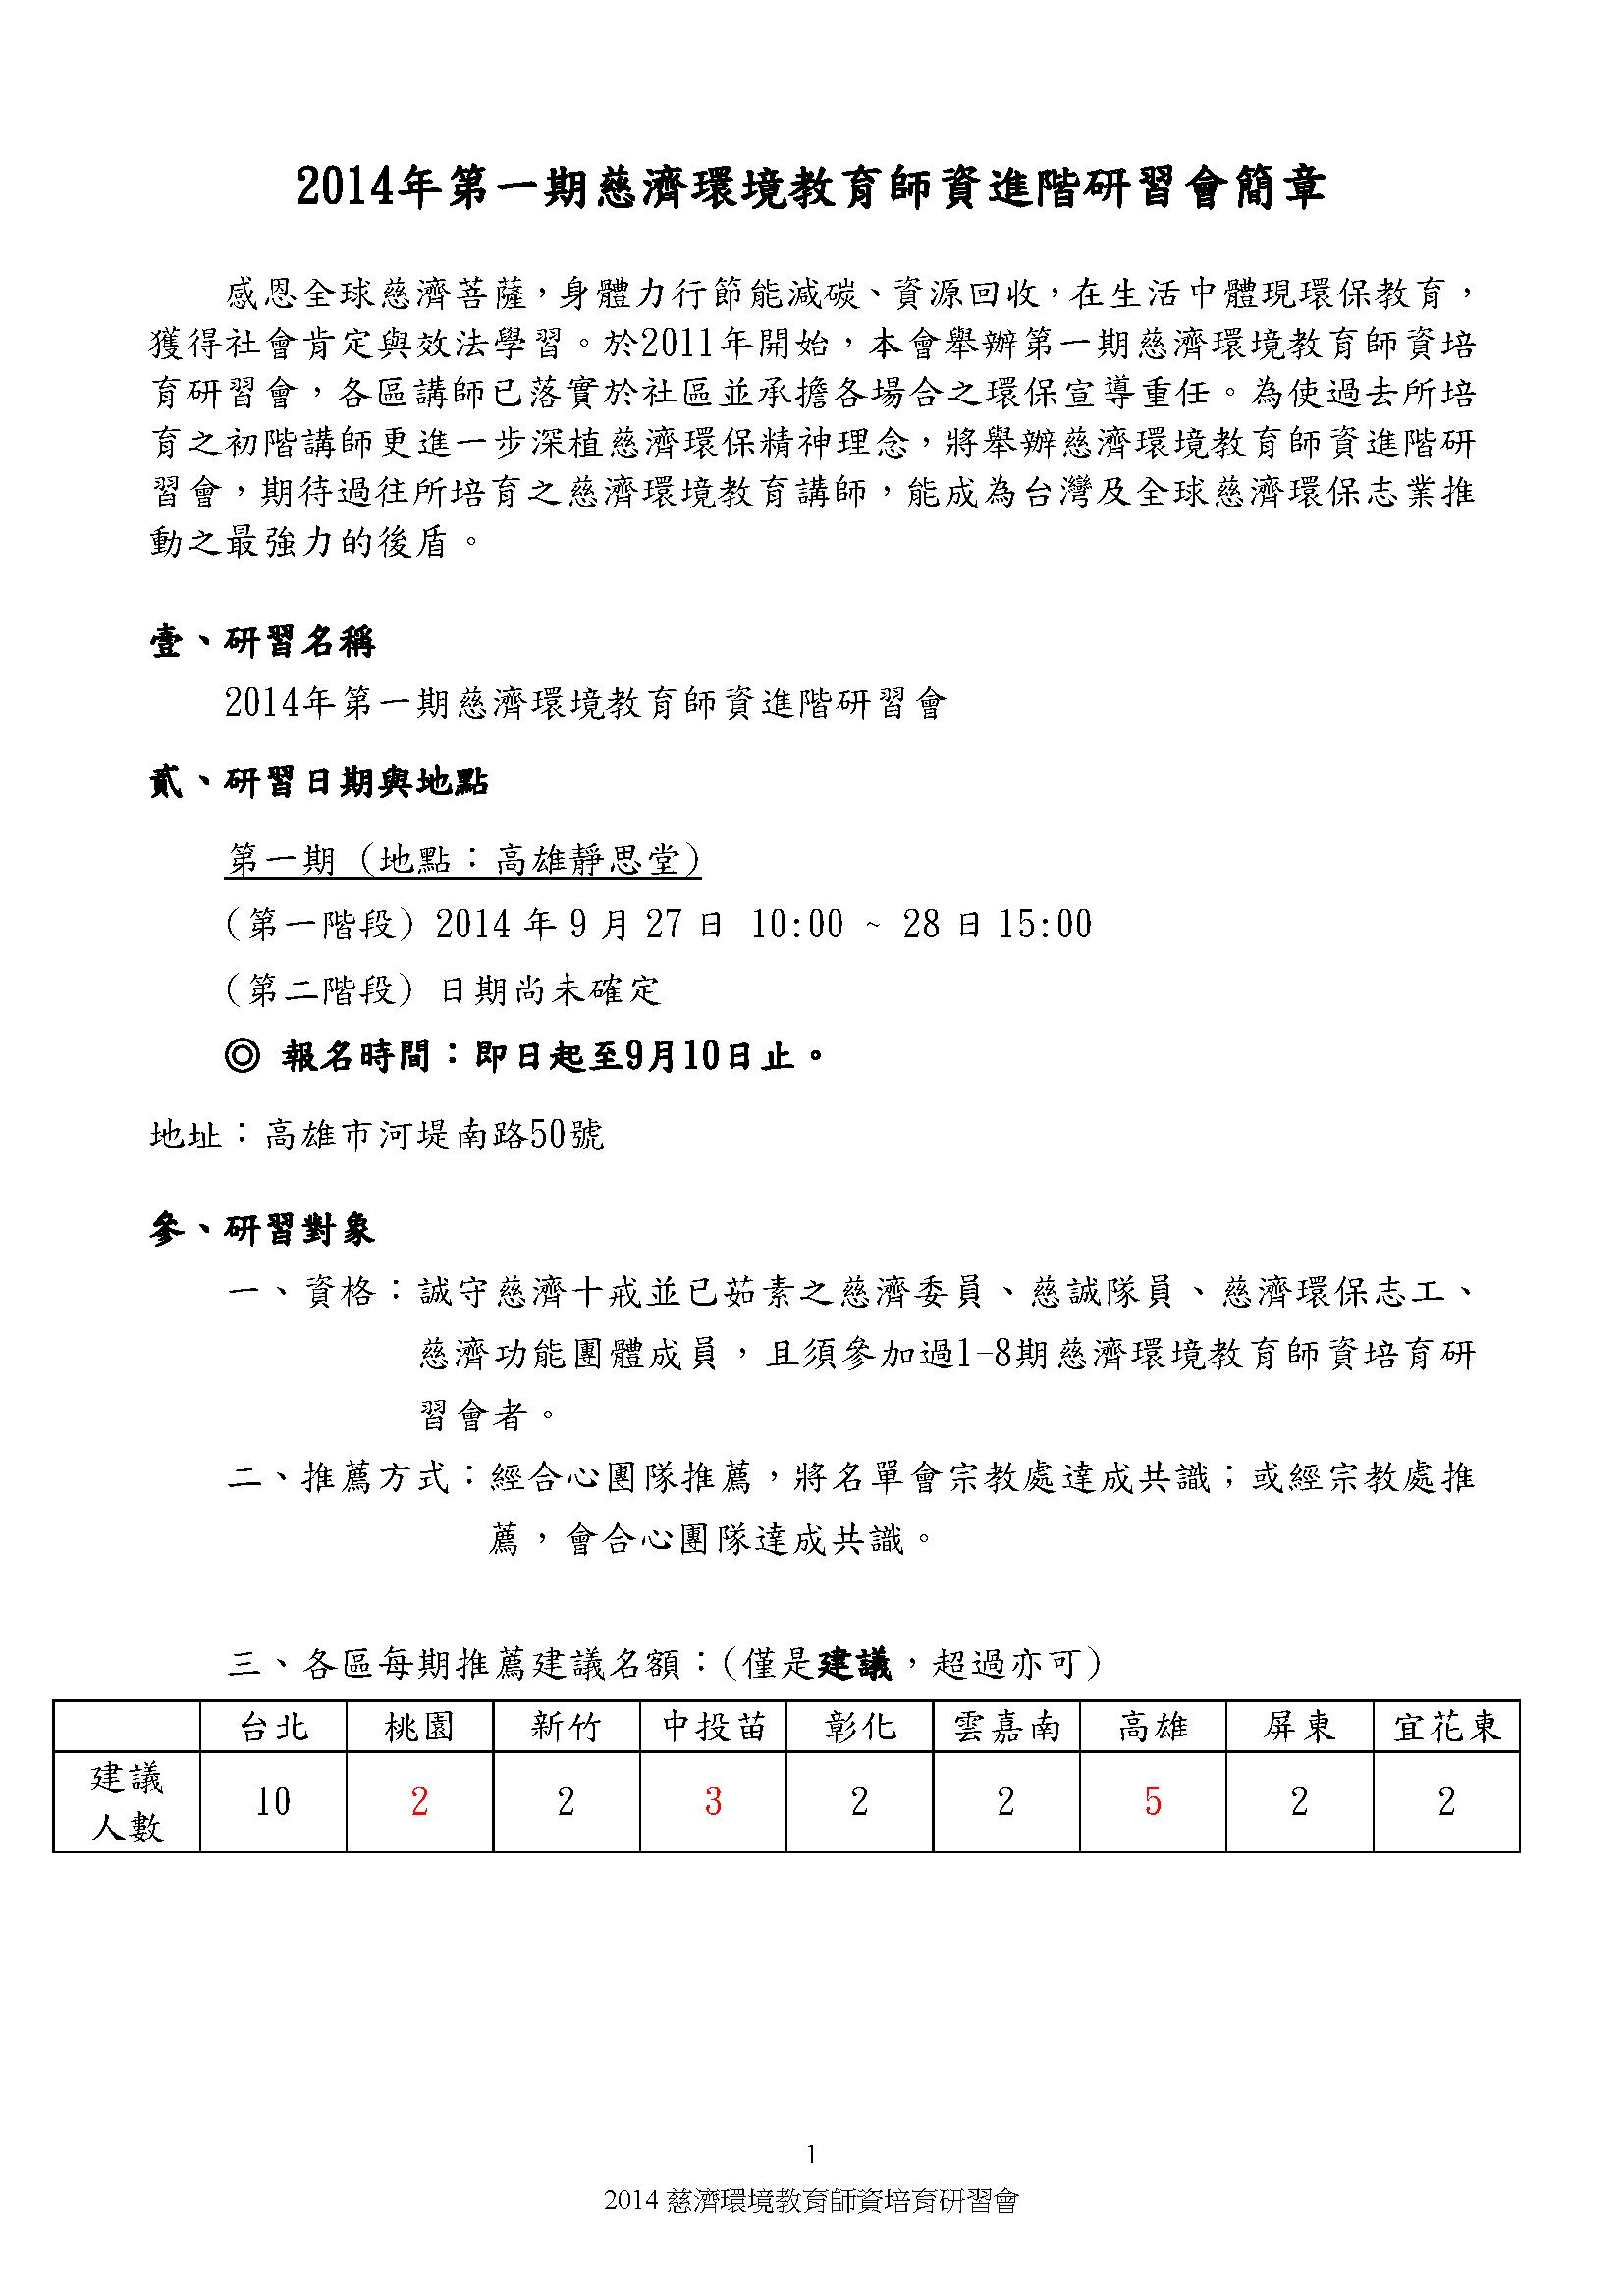 高雄附件1-2014年慈濟環境教育師資進階研習會(第一期)簡章報名表_頁面_1.png